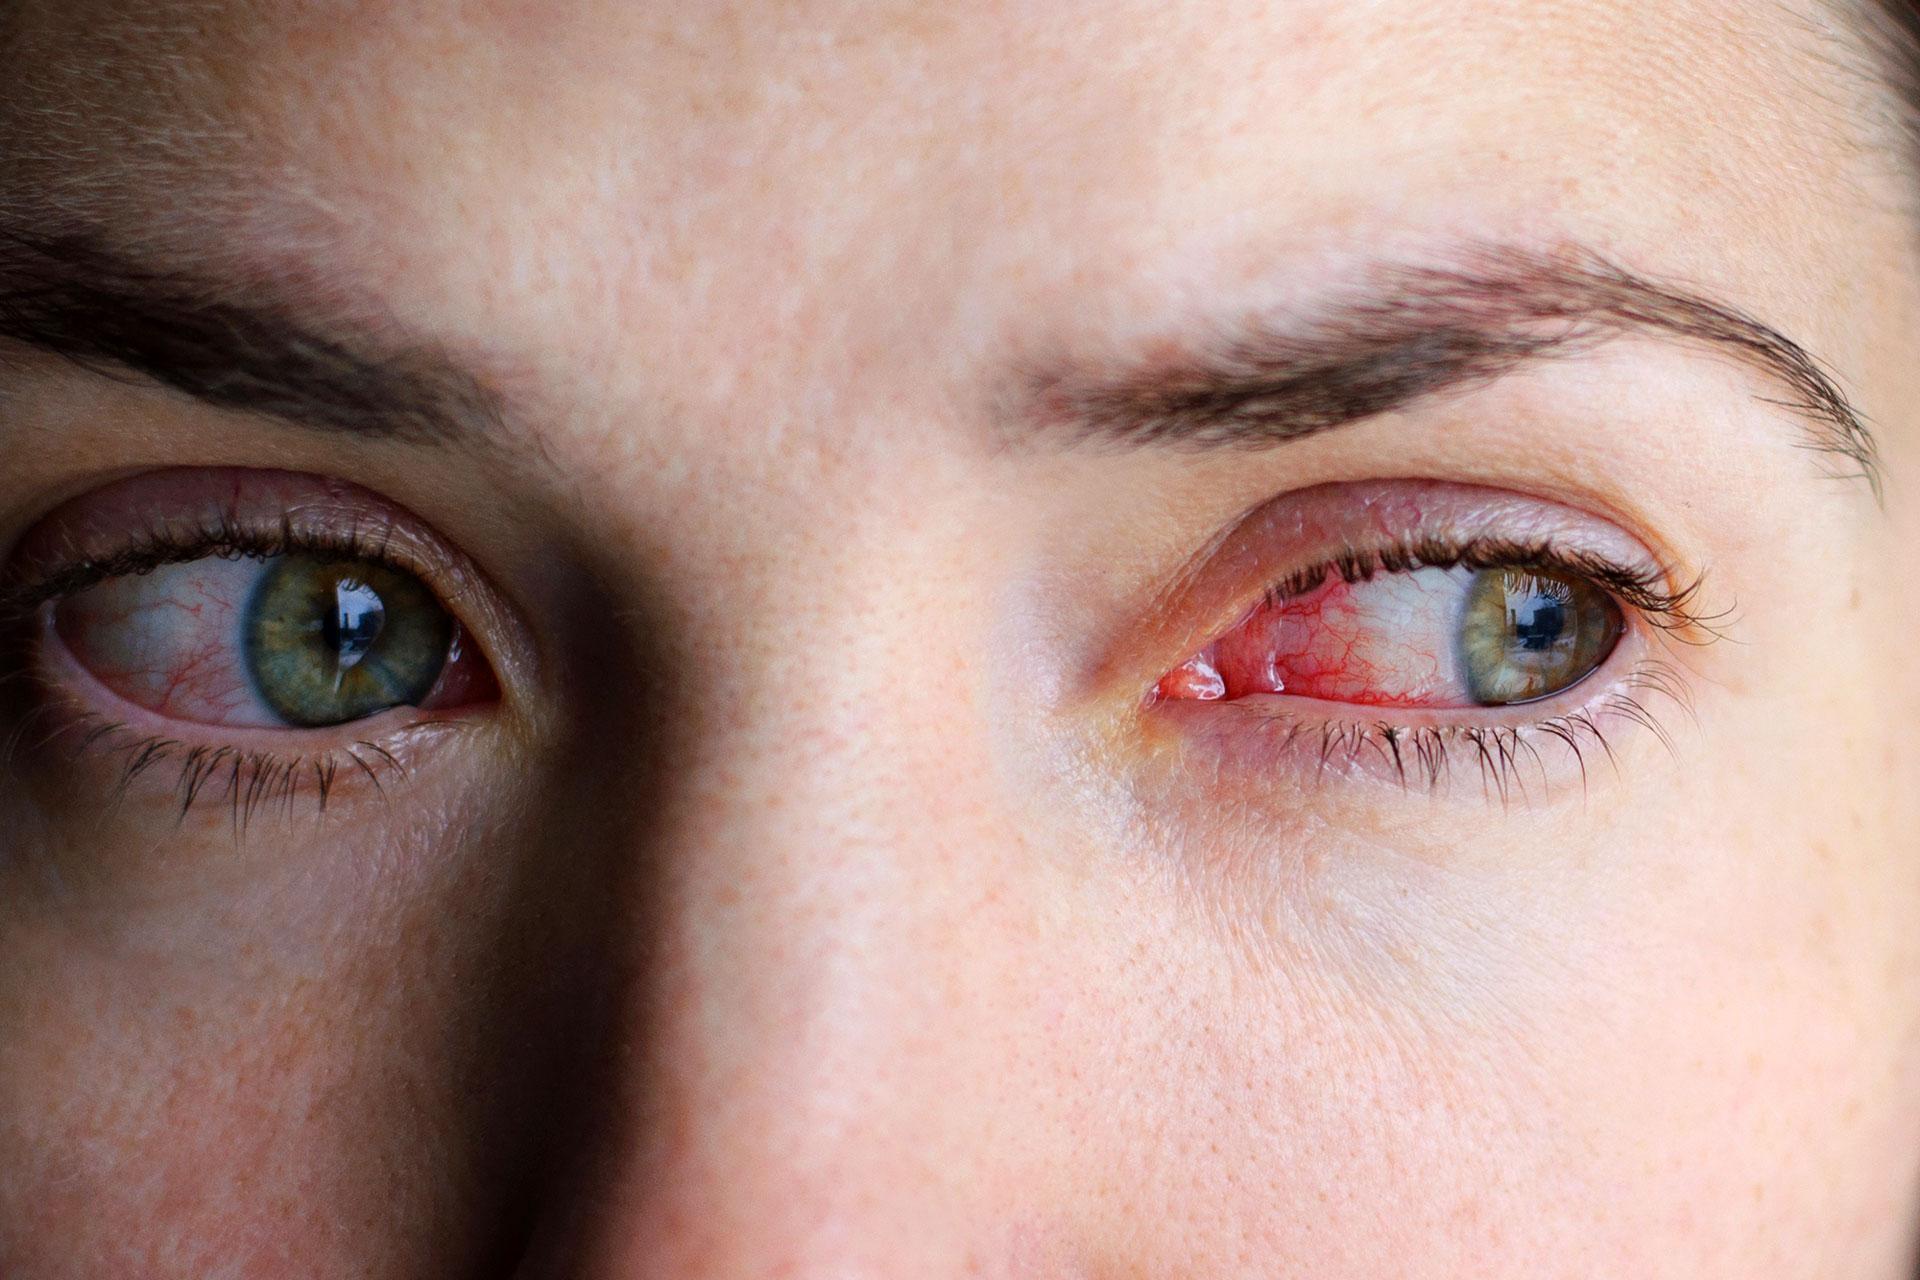 Ayurvédikus gyógymódok pikkelysömörhöz a pikkelysömör alternatív kezelése kenőcsökkel